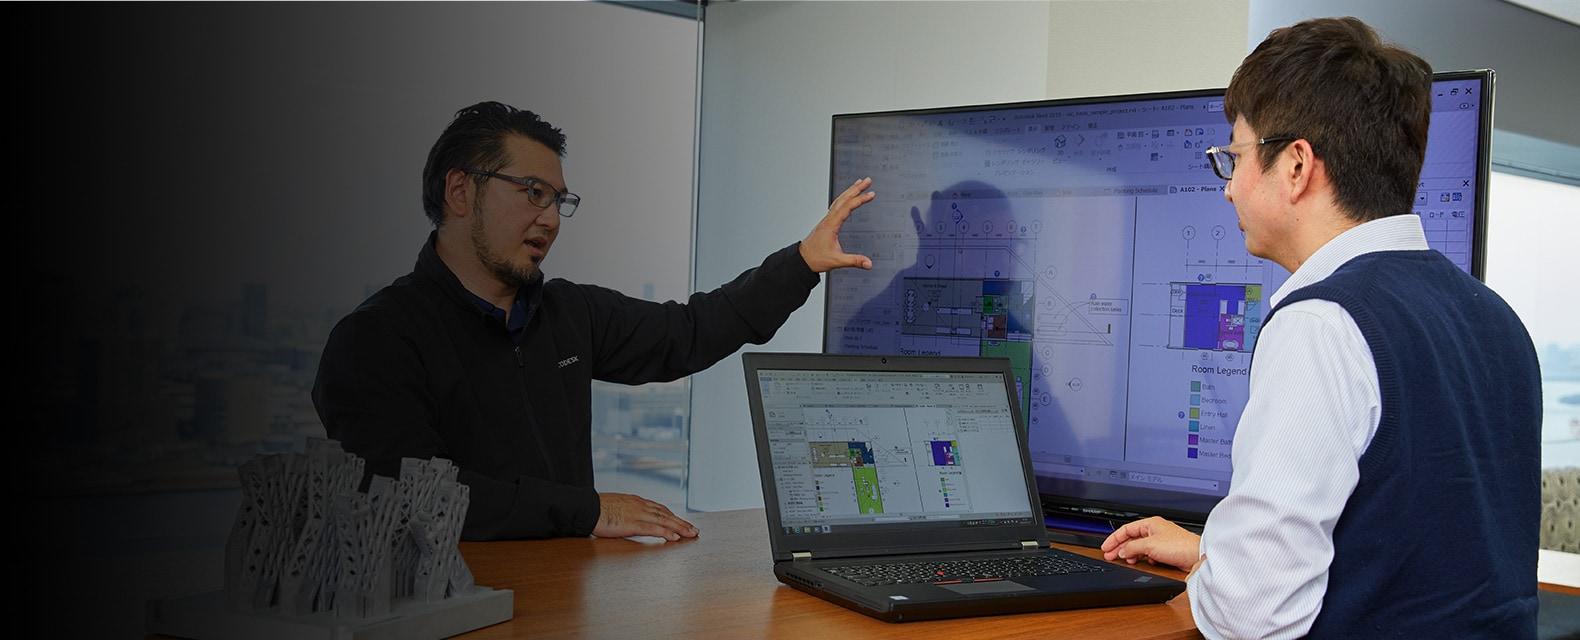 以舊換新,以獲取Autodesk最新的創新工具